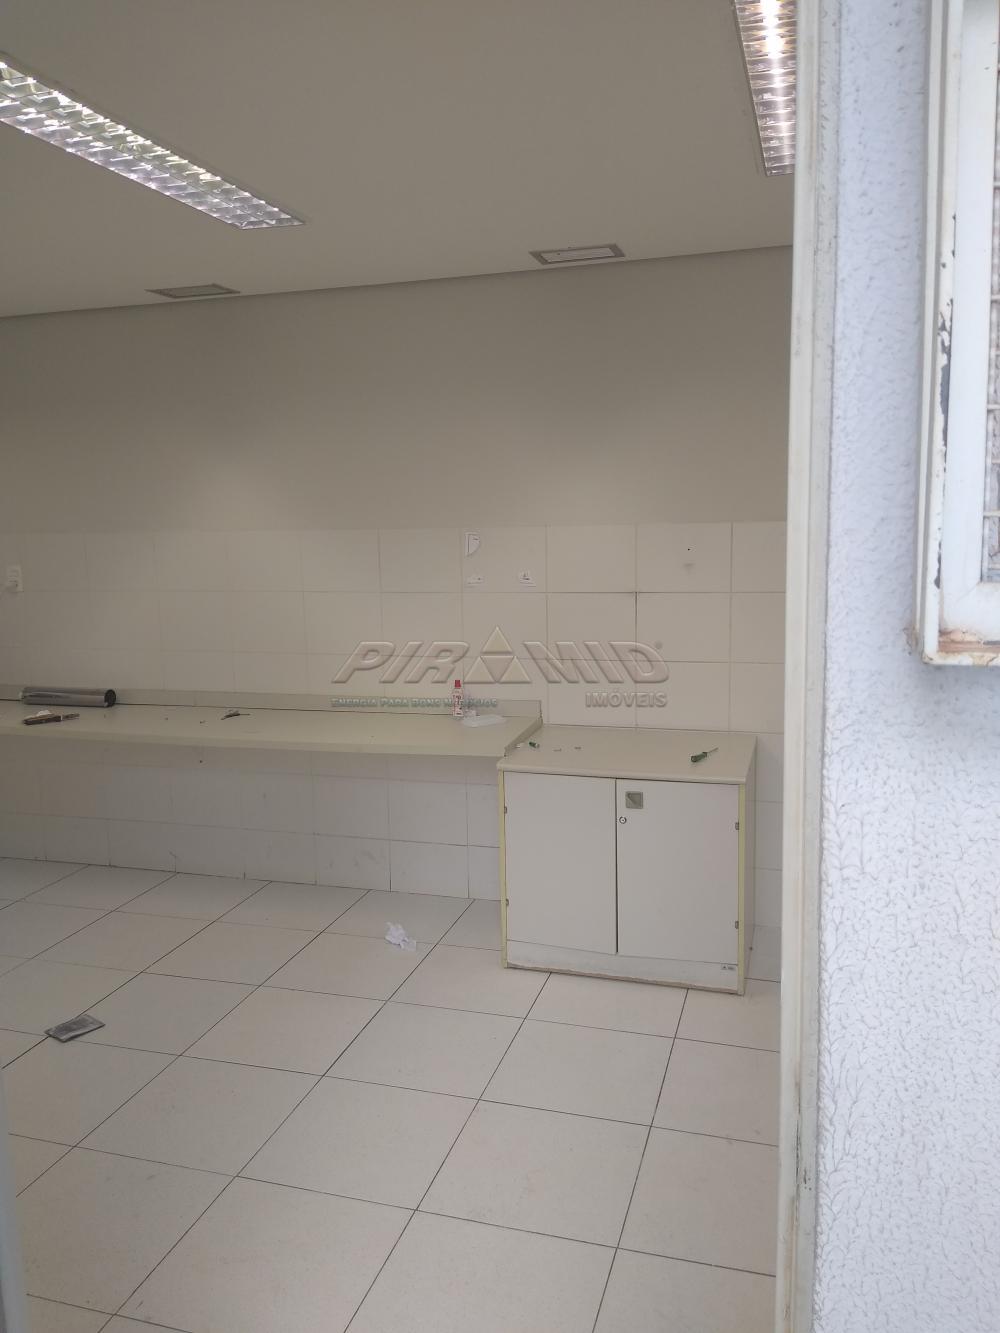 Alugar Comercial / Prédio em Ribeirão Preto apenas R$ 16.000,00 - Foto 61